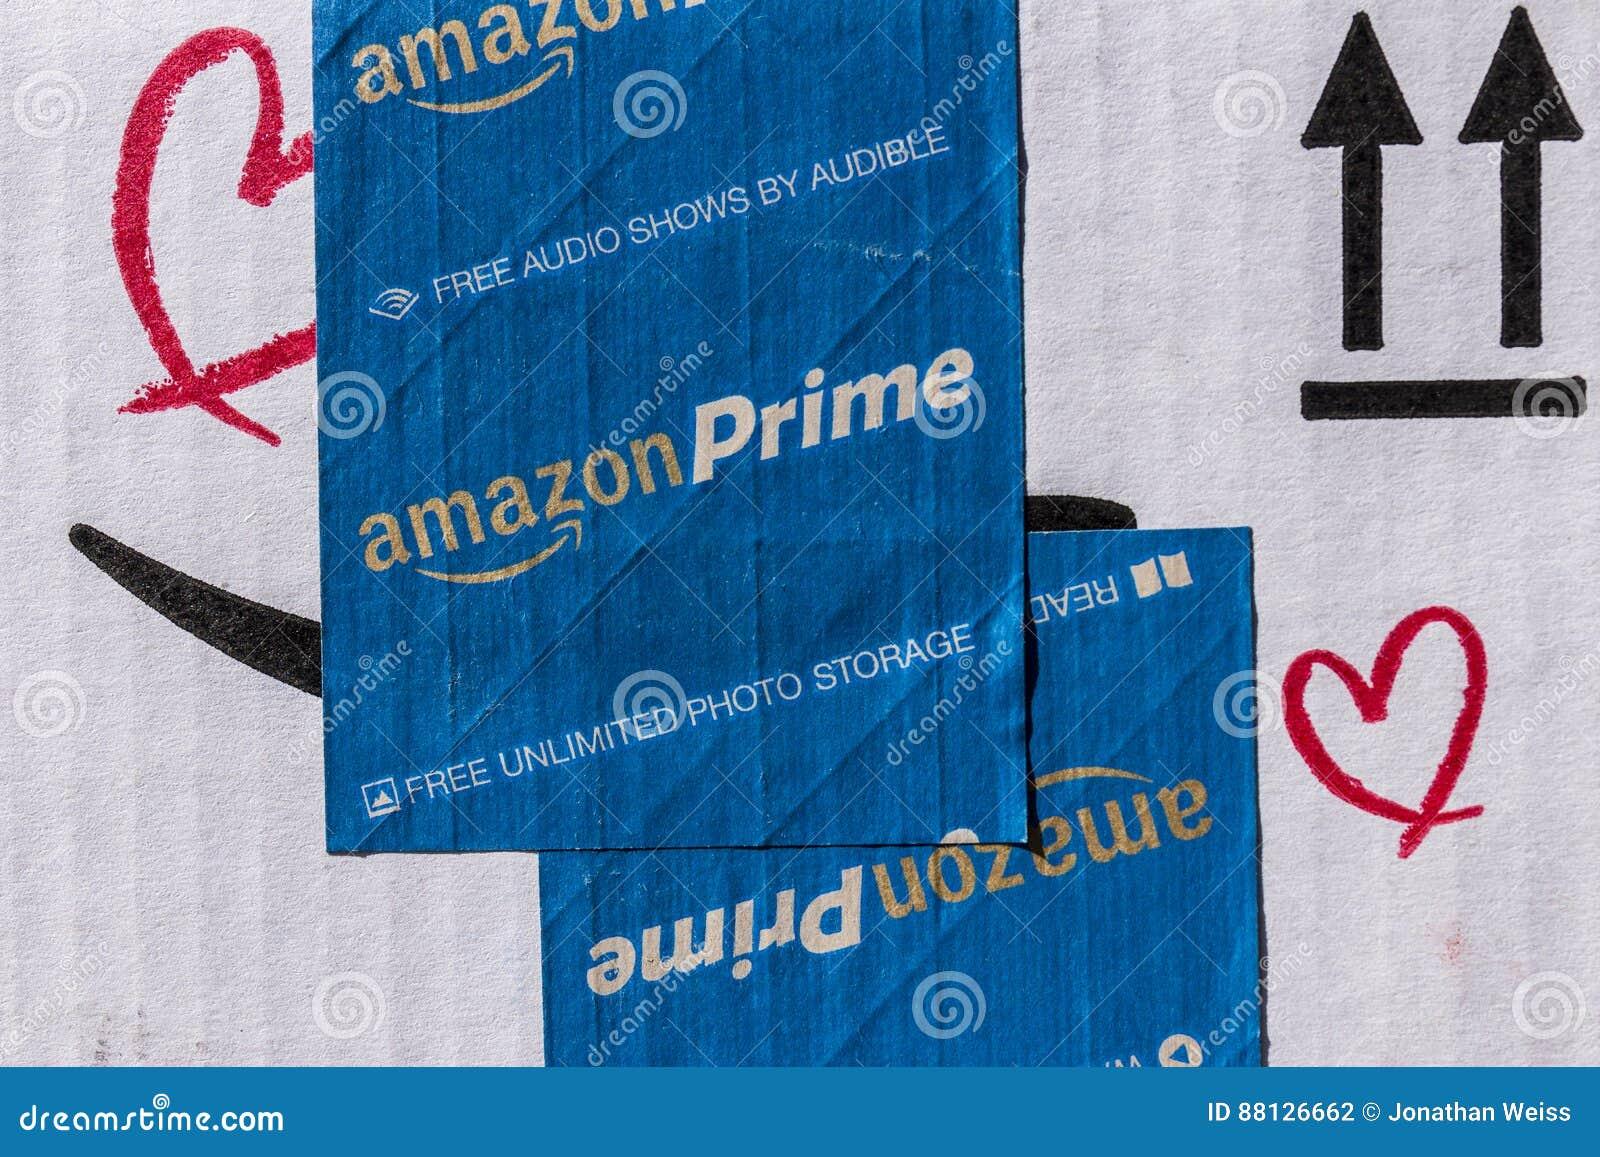 Indianapolis - circa marzo de 2017: Paquete del paquete de la prima del Amazonas amazon COM es un minorista en línea primero VI